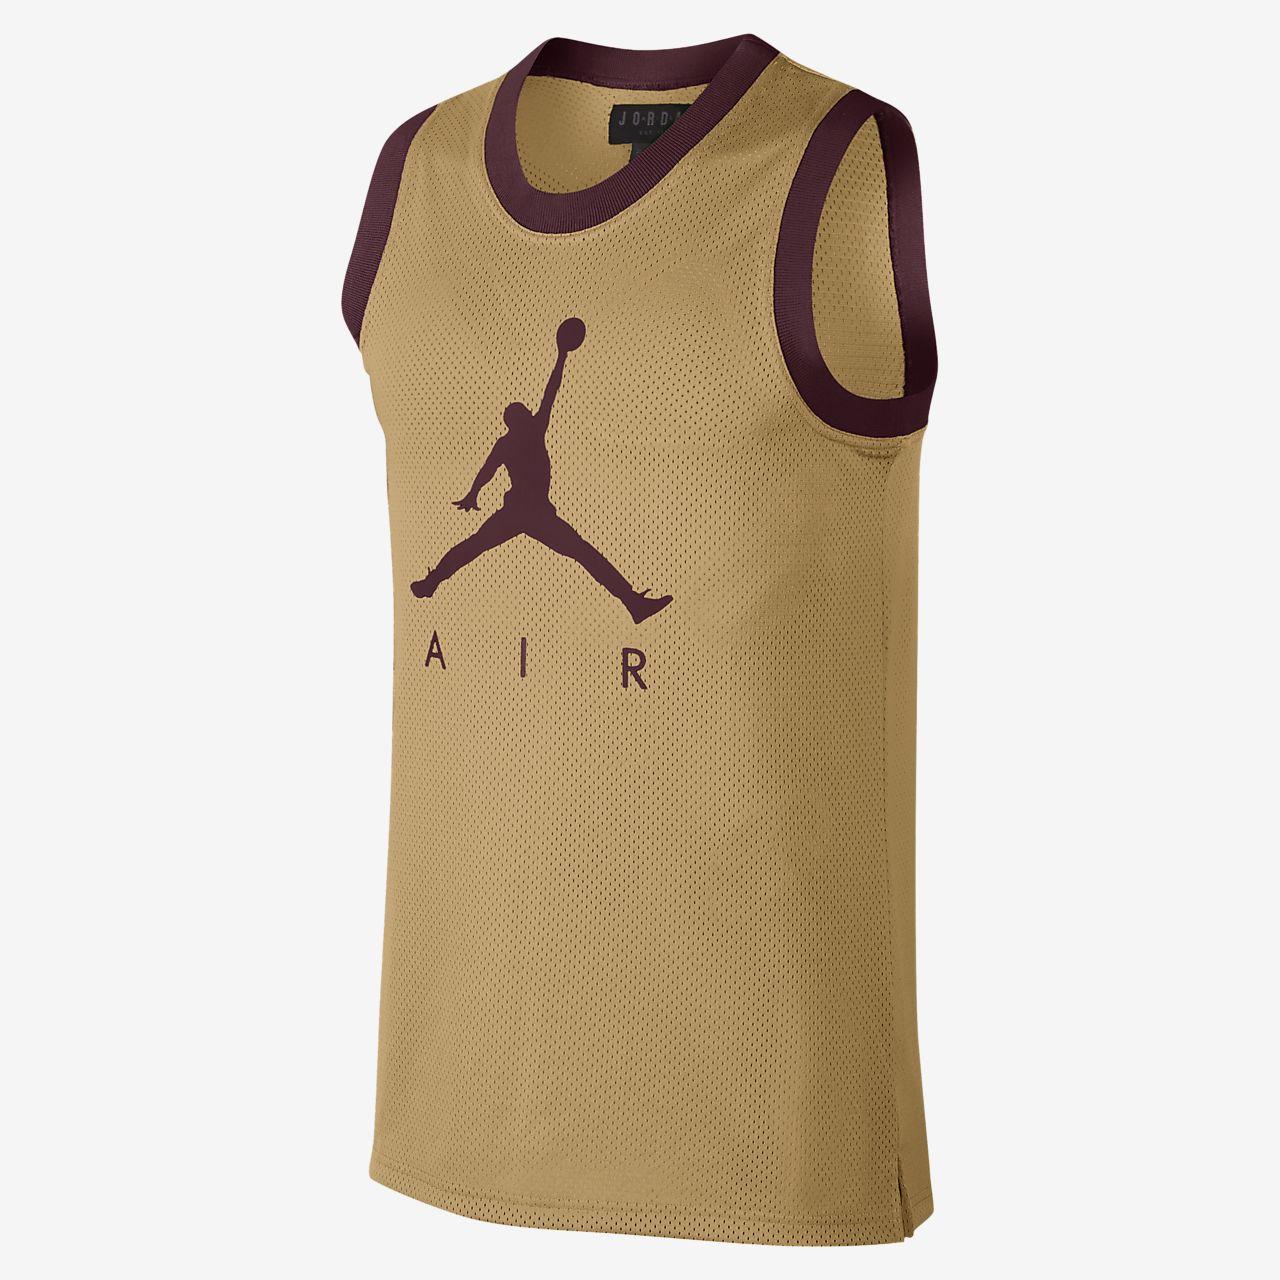 31963728316dc7 Jordan Jumpman Air Mesh Men s Basketball Jersey. Nike.com AT